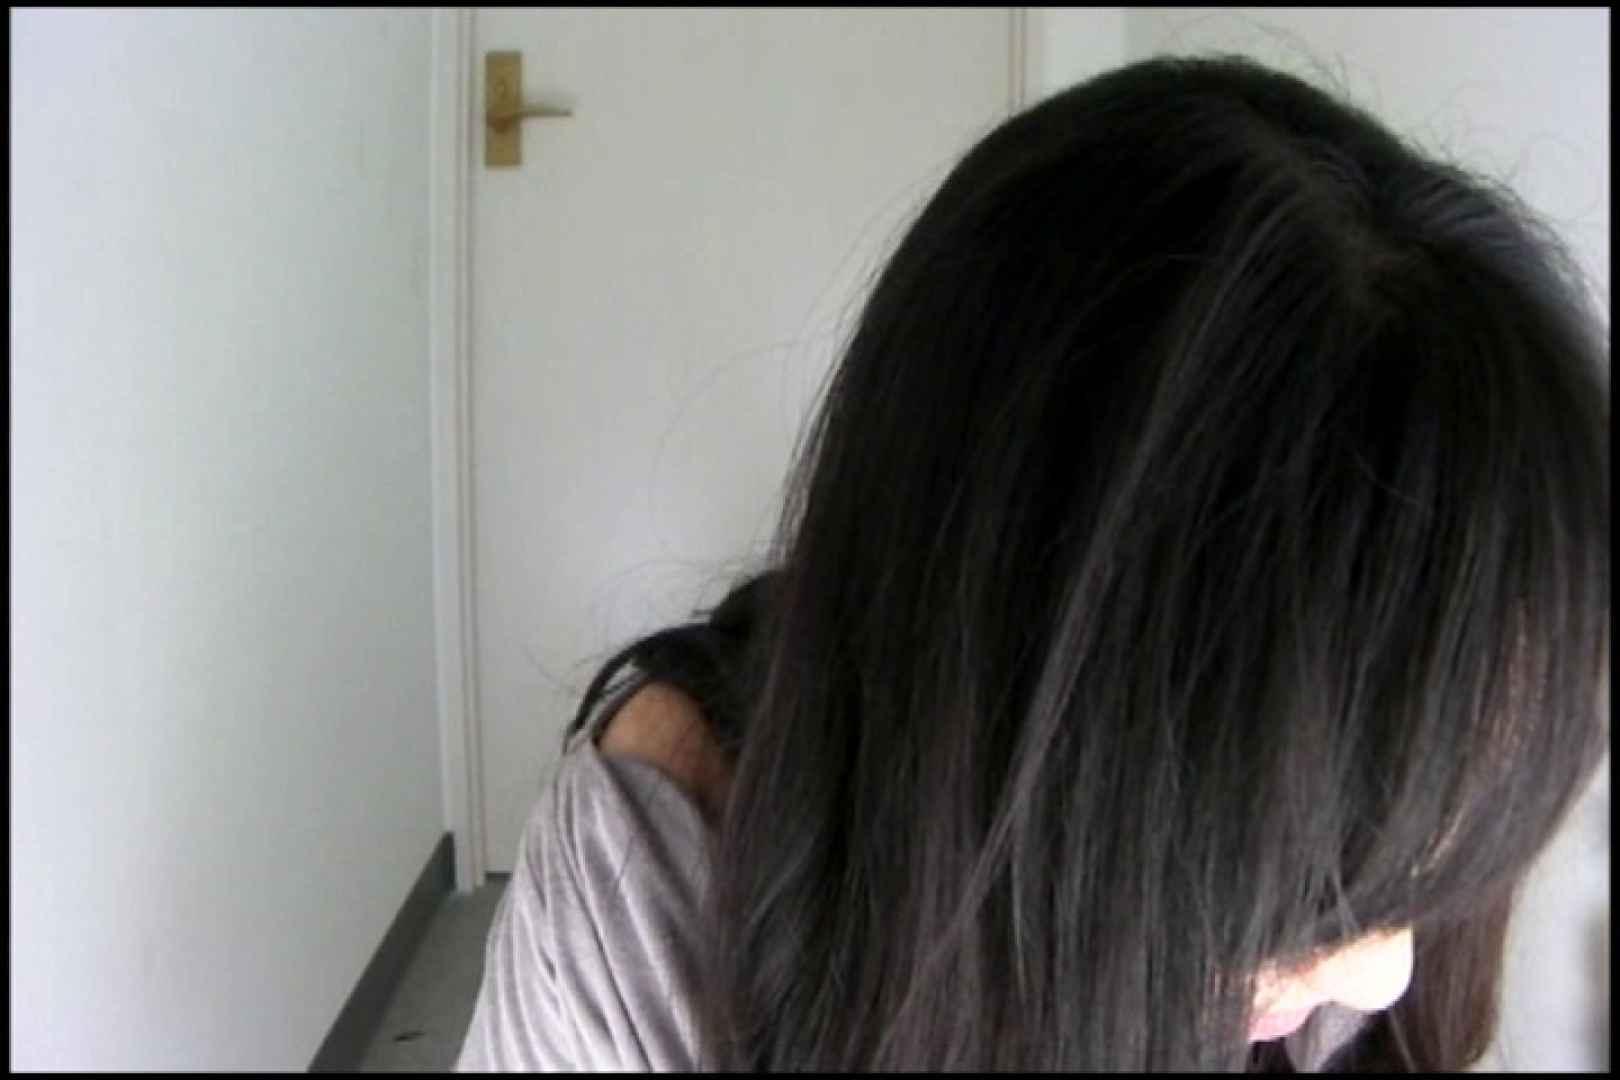 和式にまたがる女たちを待ちうけるカメラの衝撃映像vol.04 和式  58画像 48